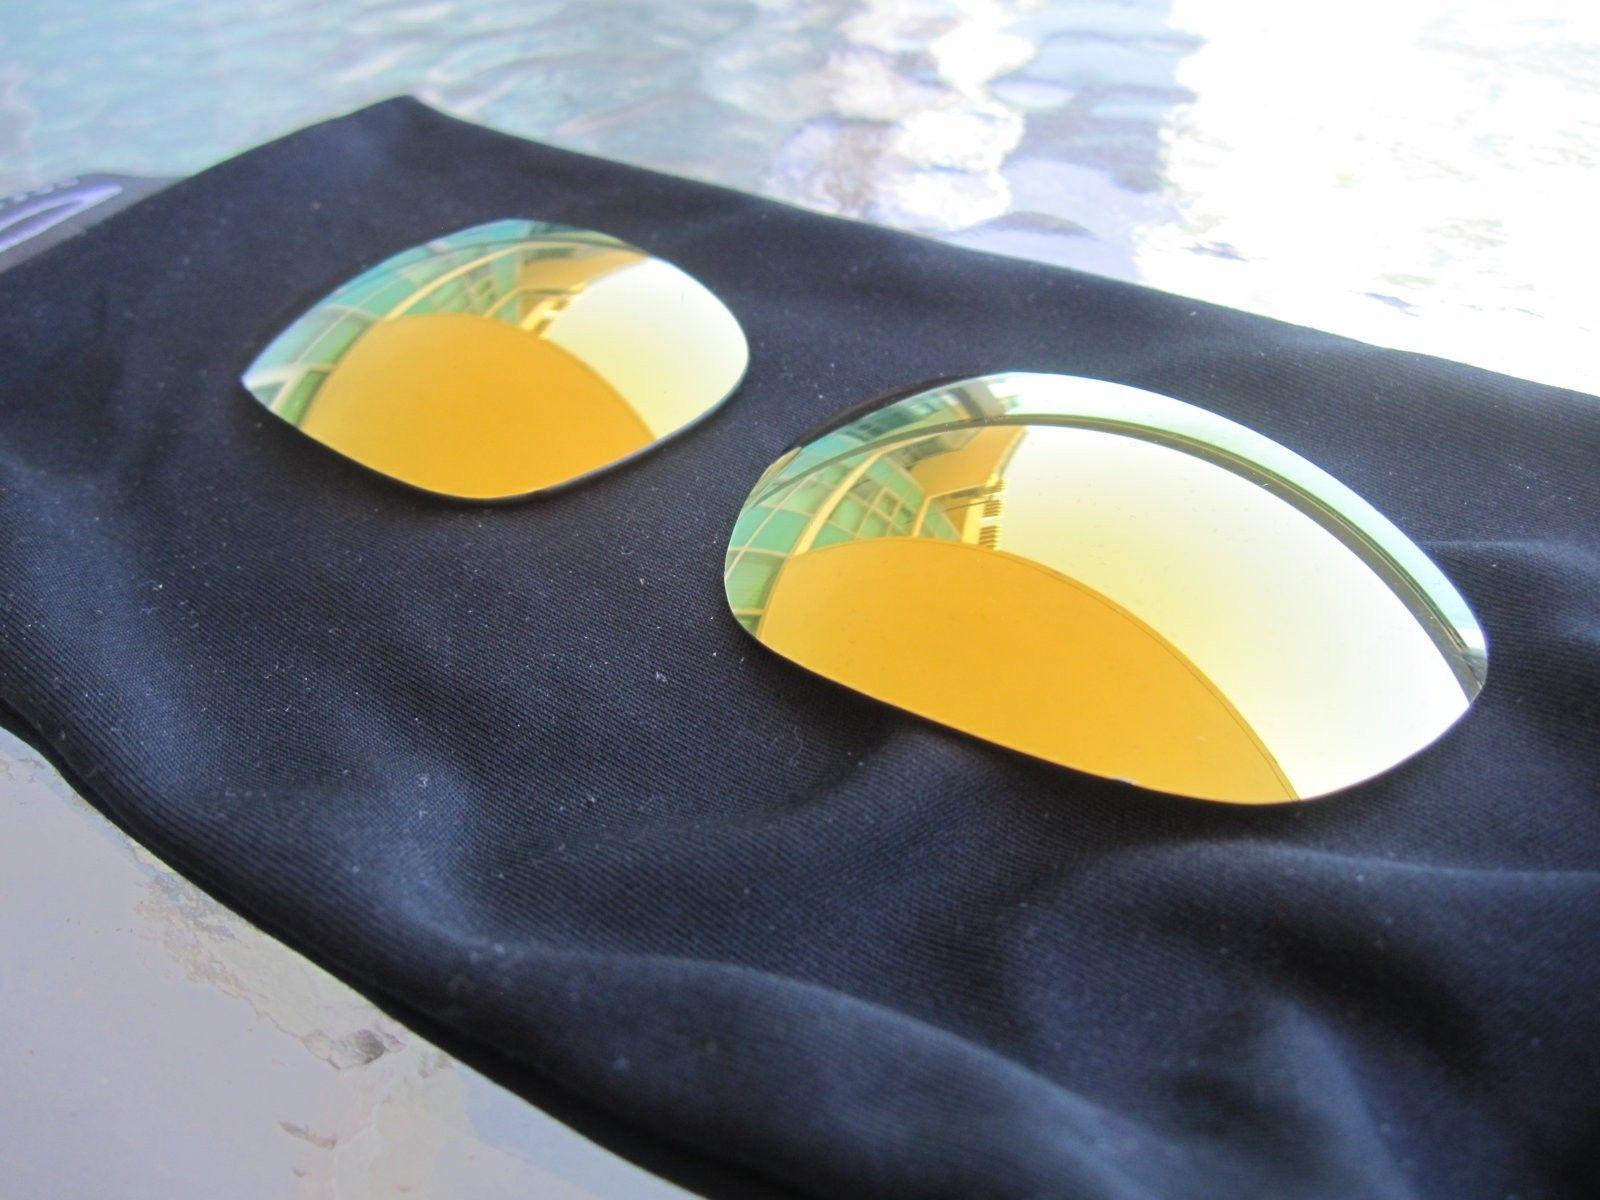 Brand New OEM XX 24K lenses - IMG_4392.JPG